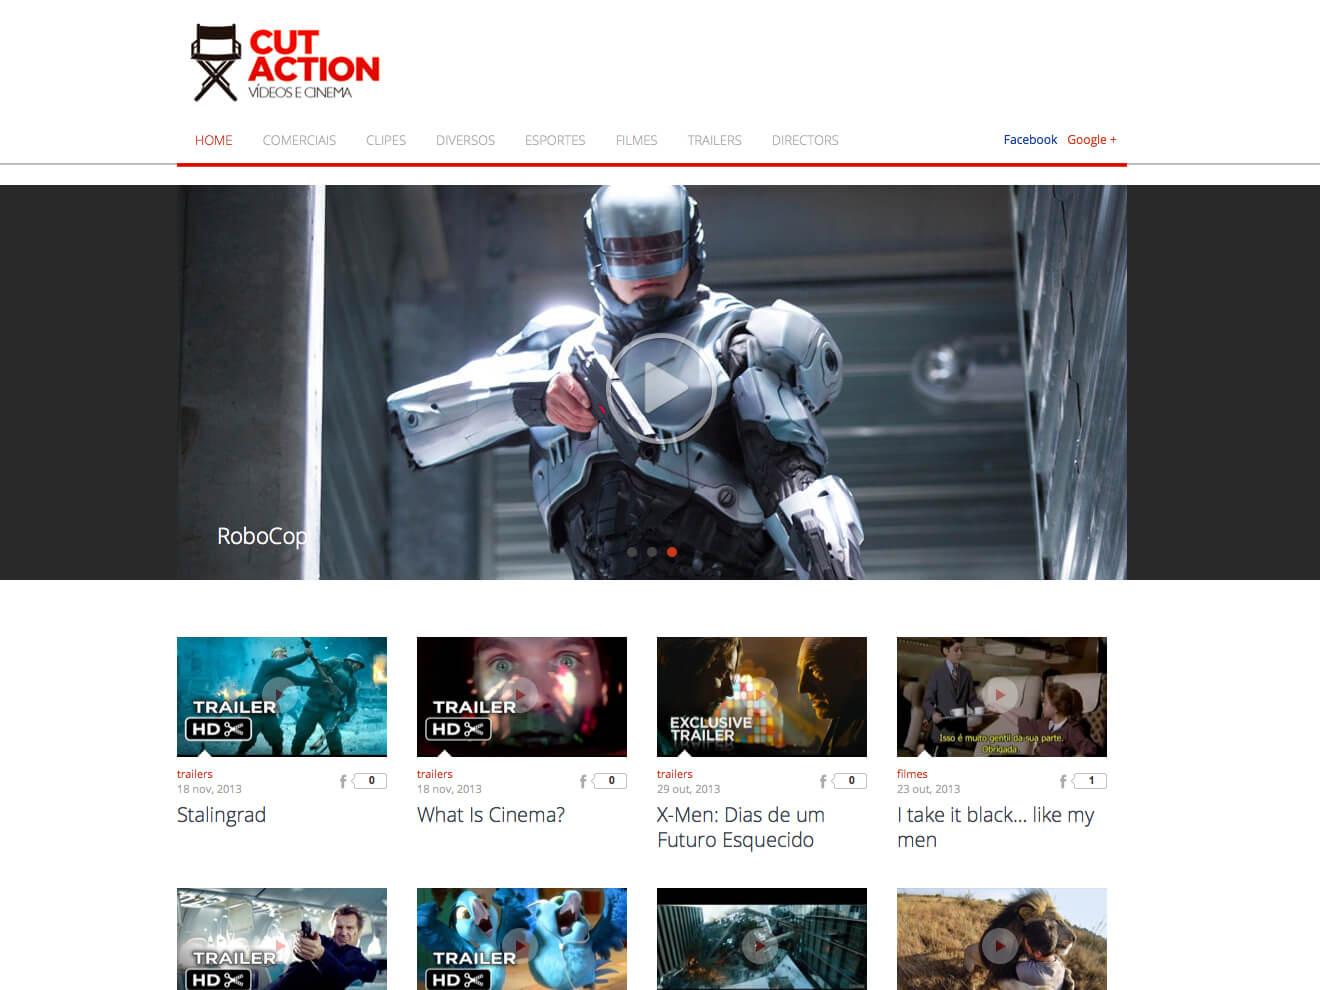 cut-action-videos